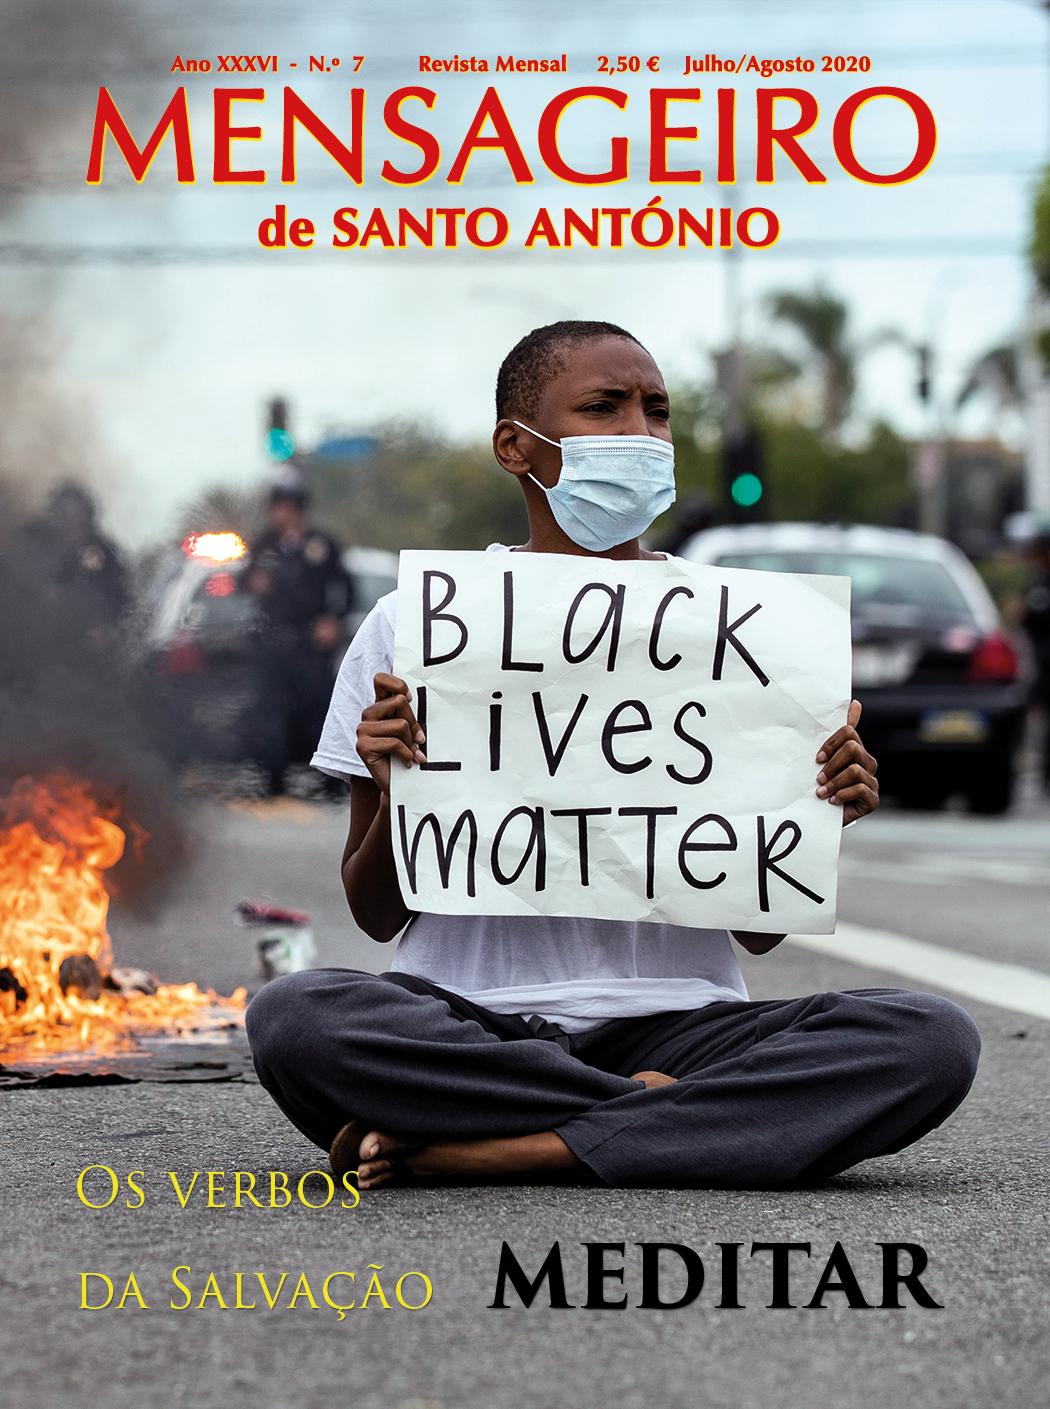 Capa Mensageiro de Santo António julho agosto 2020 - A vida dos negros importa. Os verbos da salvação: MEDITAR